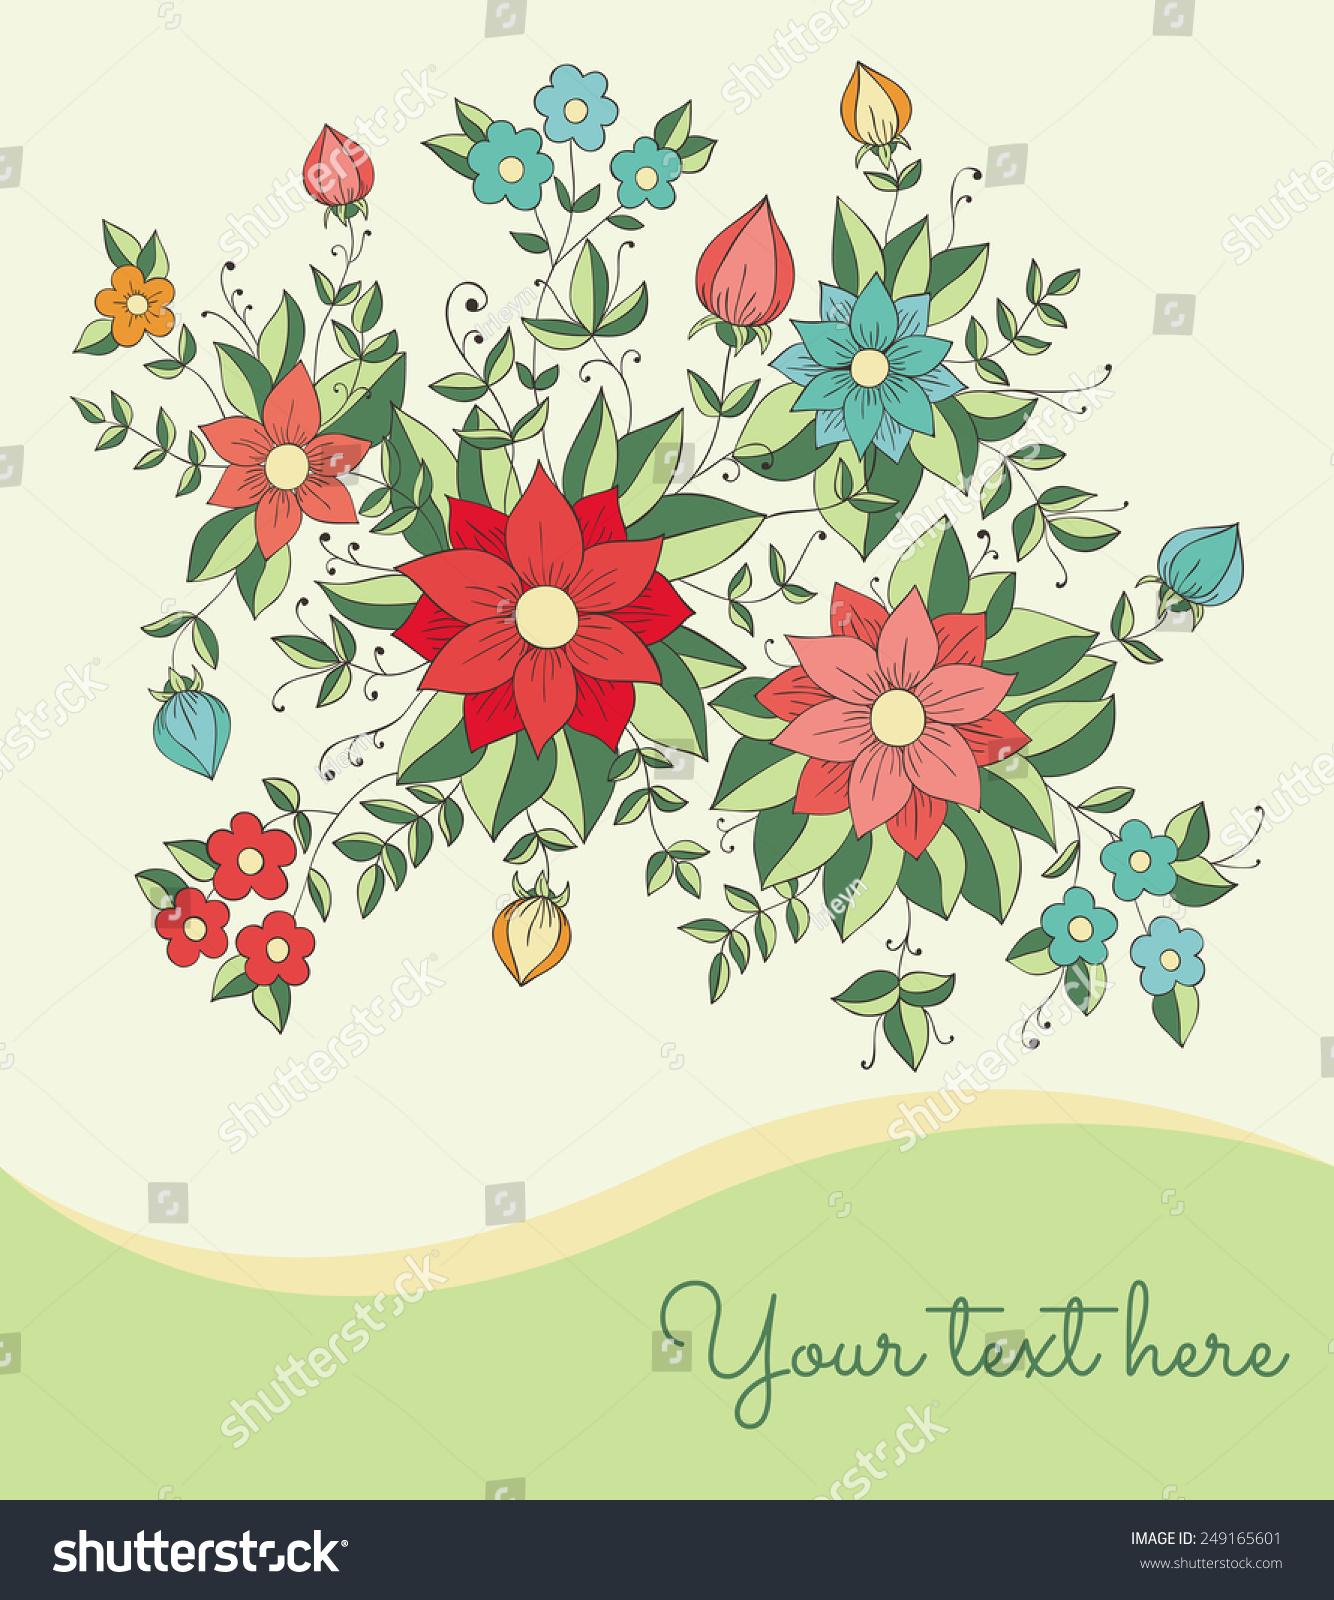 向量与手绘贺卡鲜花